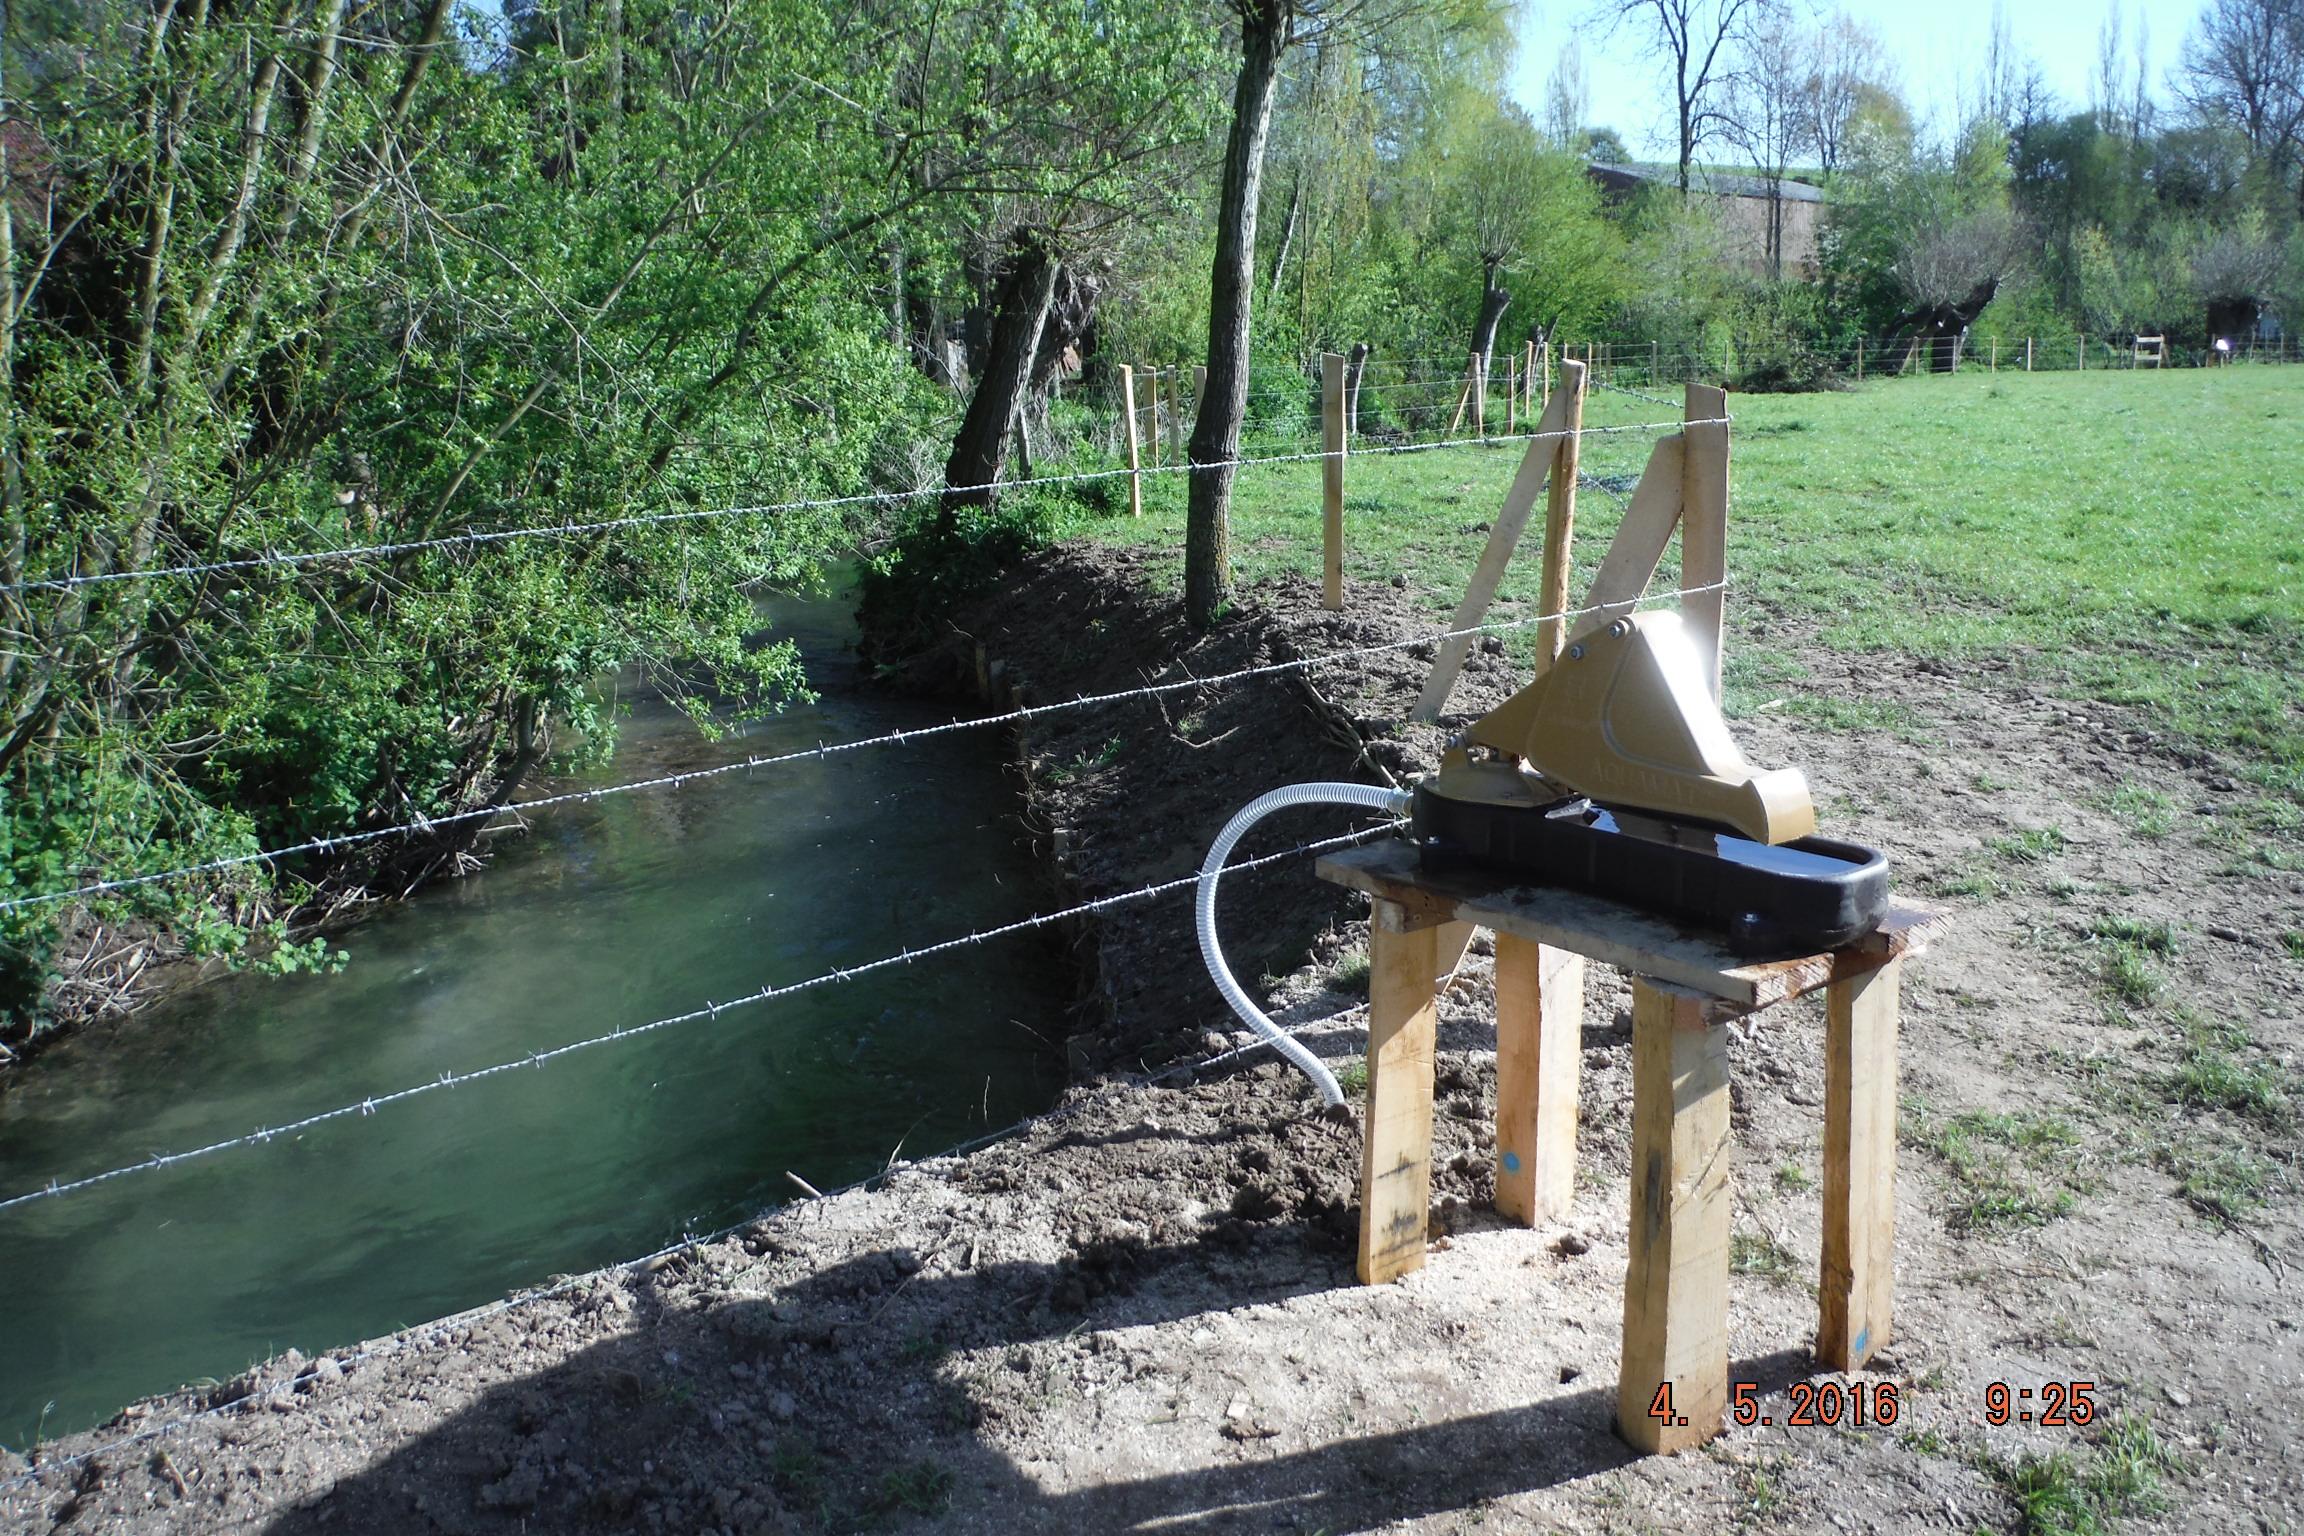 Aménagement de pâture, renforcement de berge, pose d'une clôture et mise en place d'une buvette